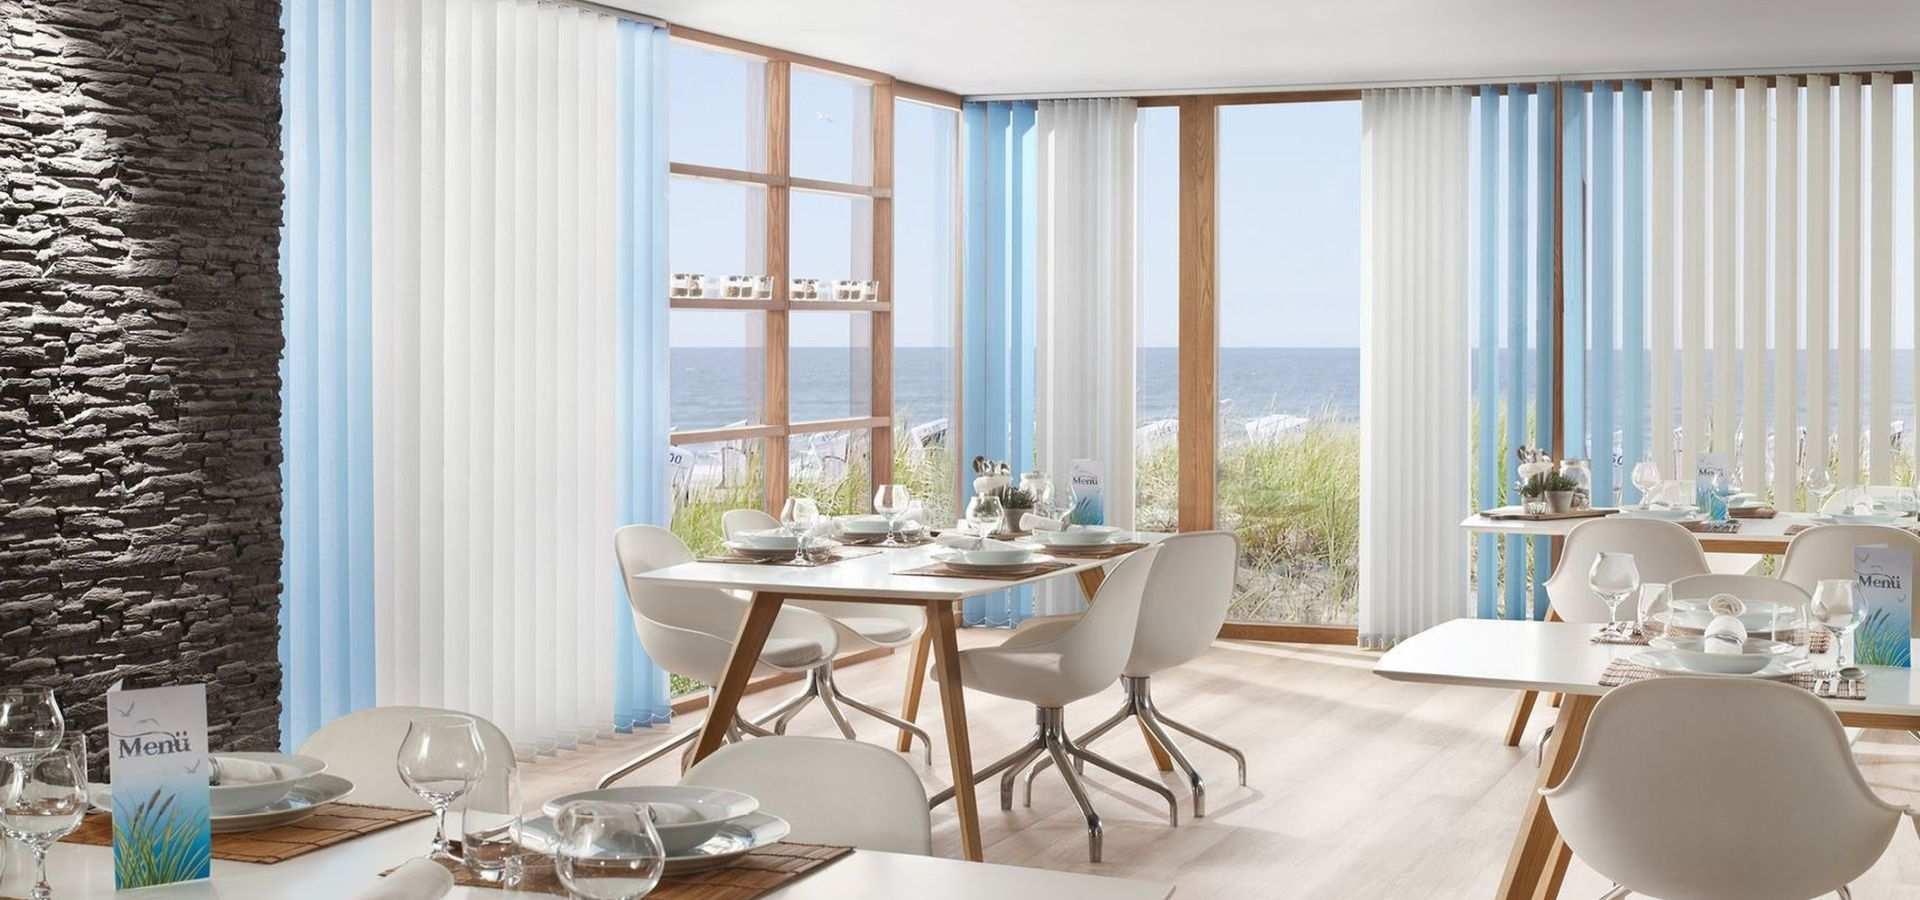 Bild Küche Flächenvorhänge hellblau